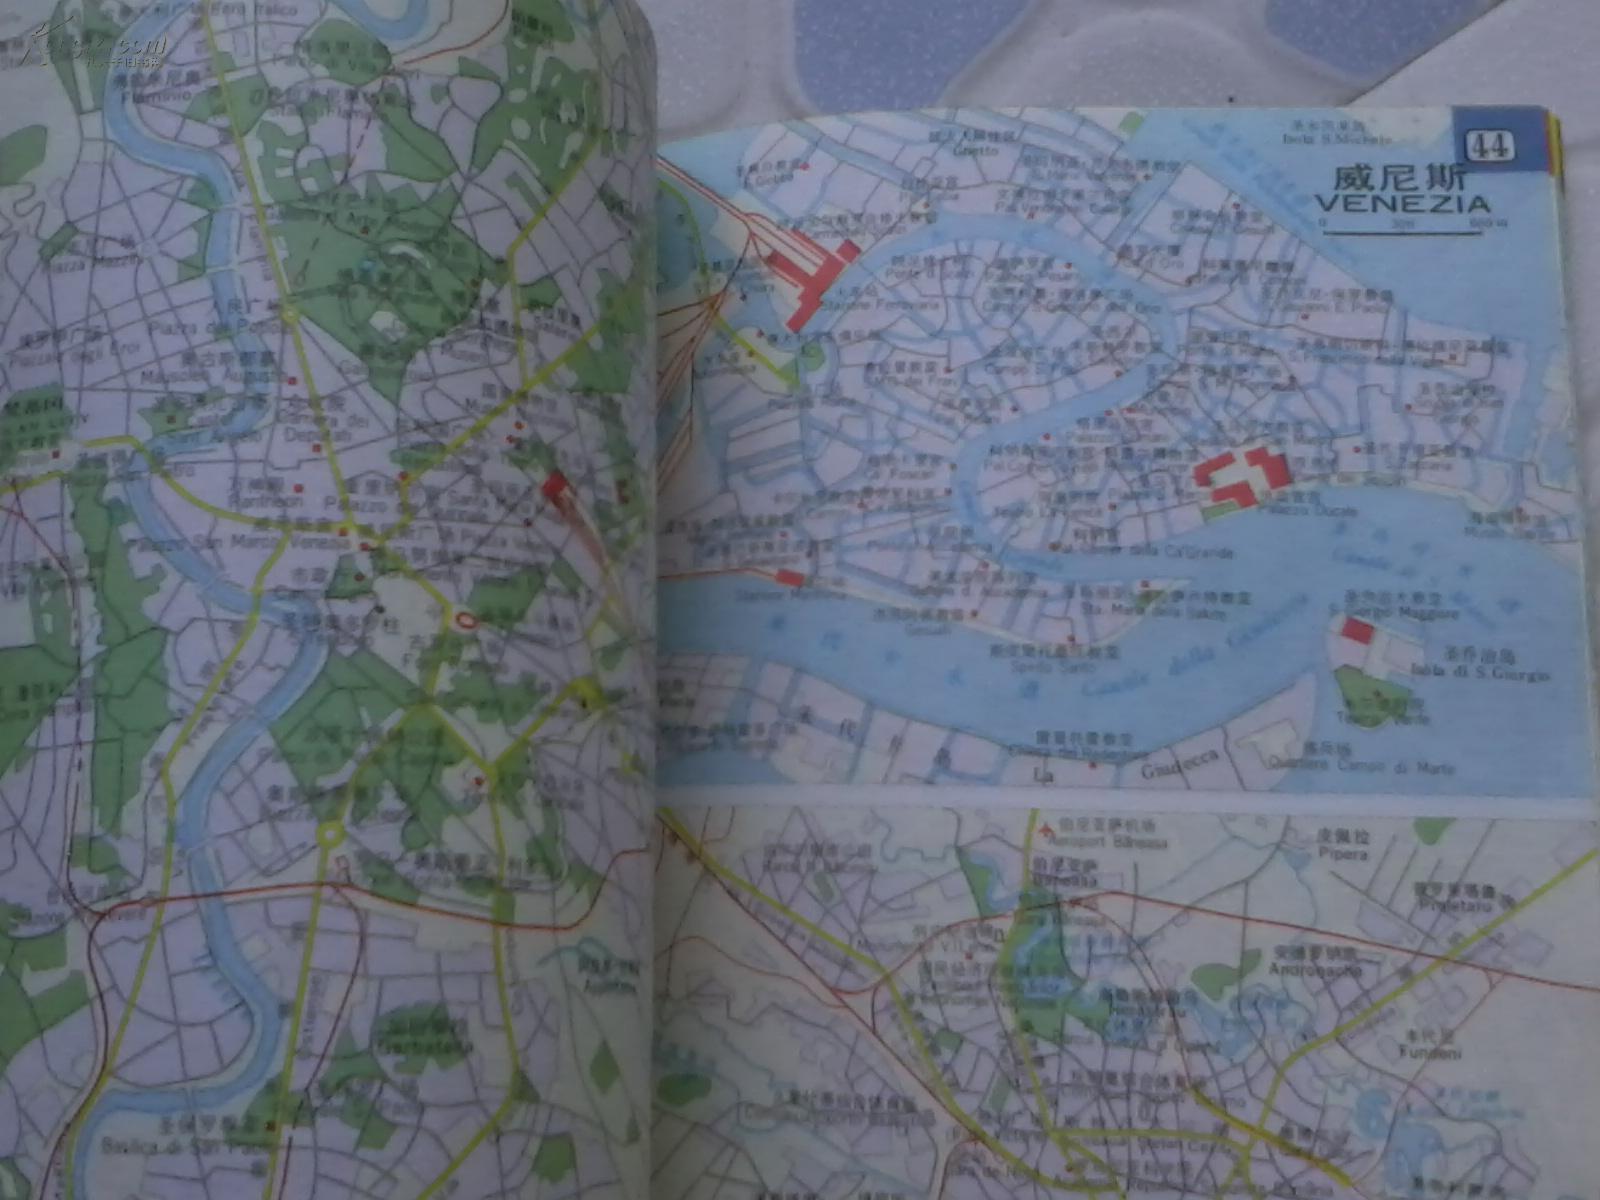 【图】世界主要城市地图册